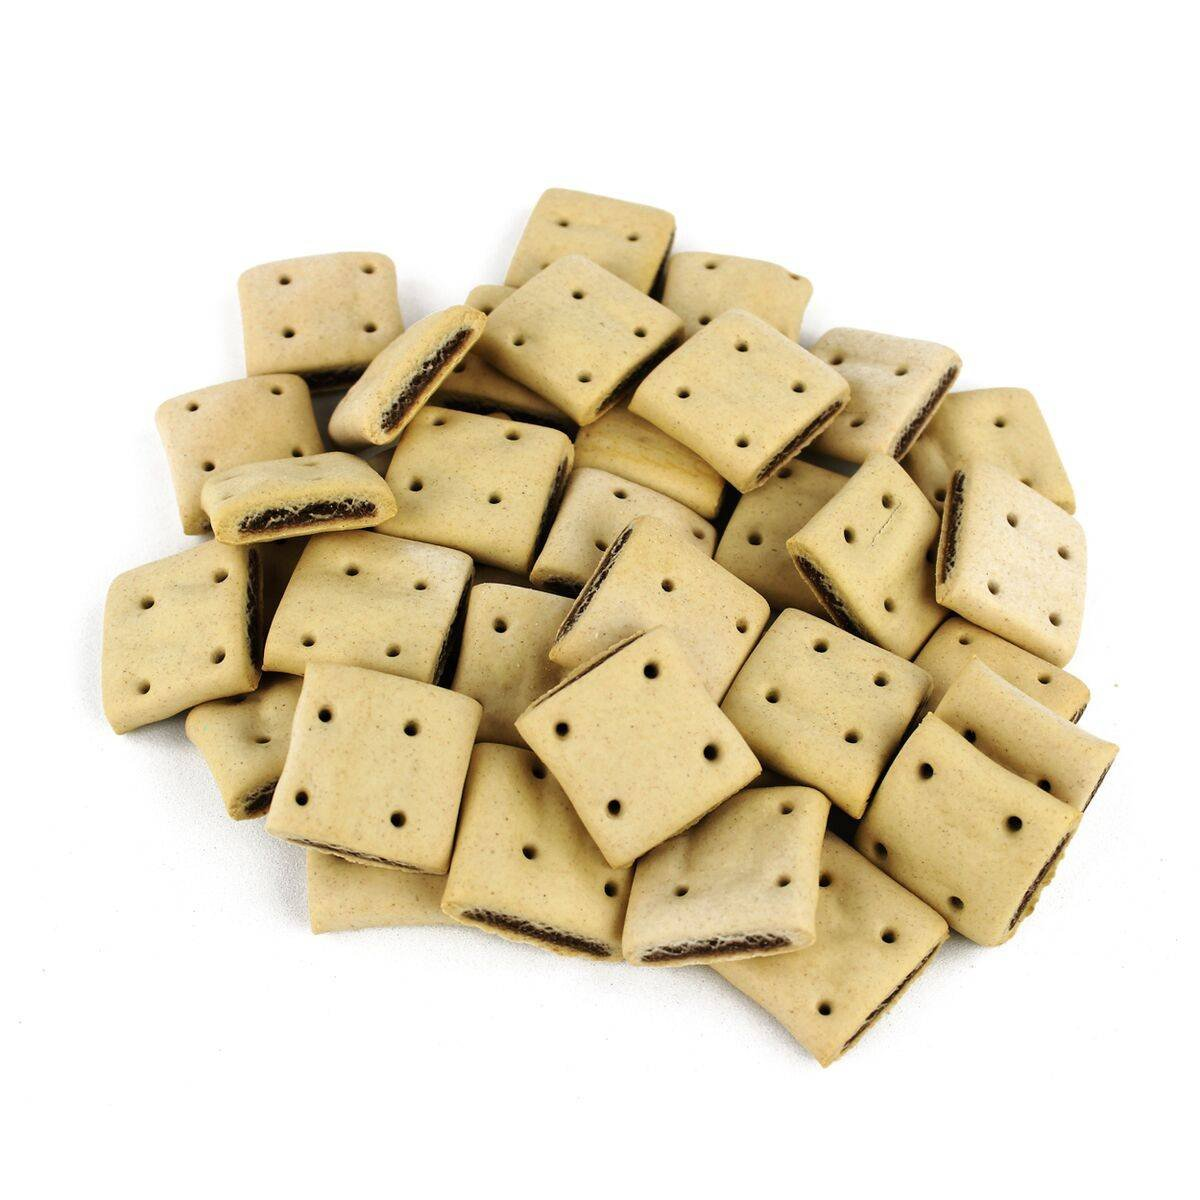 BIOZOO - Biscuits Animaux os au laît pour Chien - 2 Sacs de 500 GR